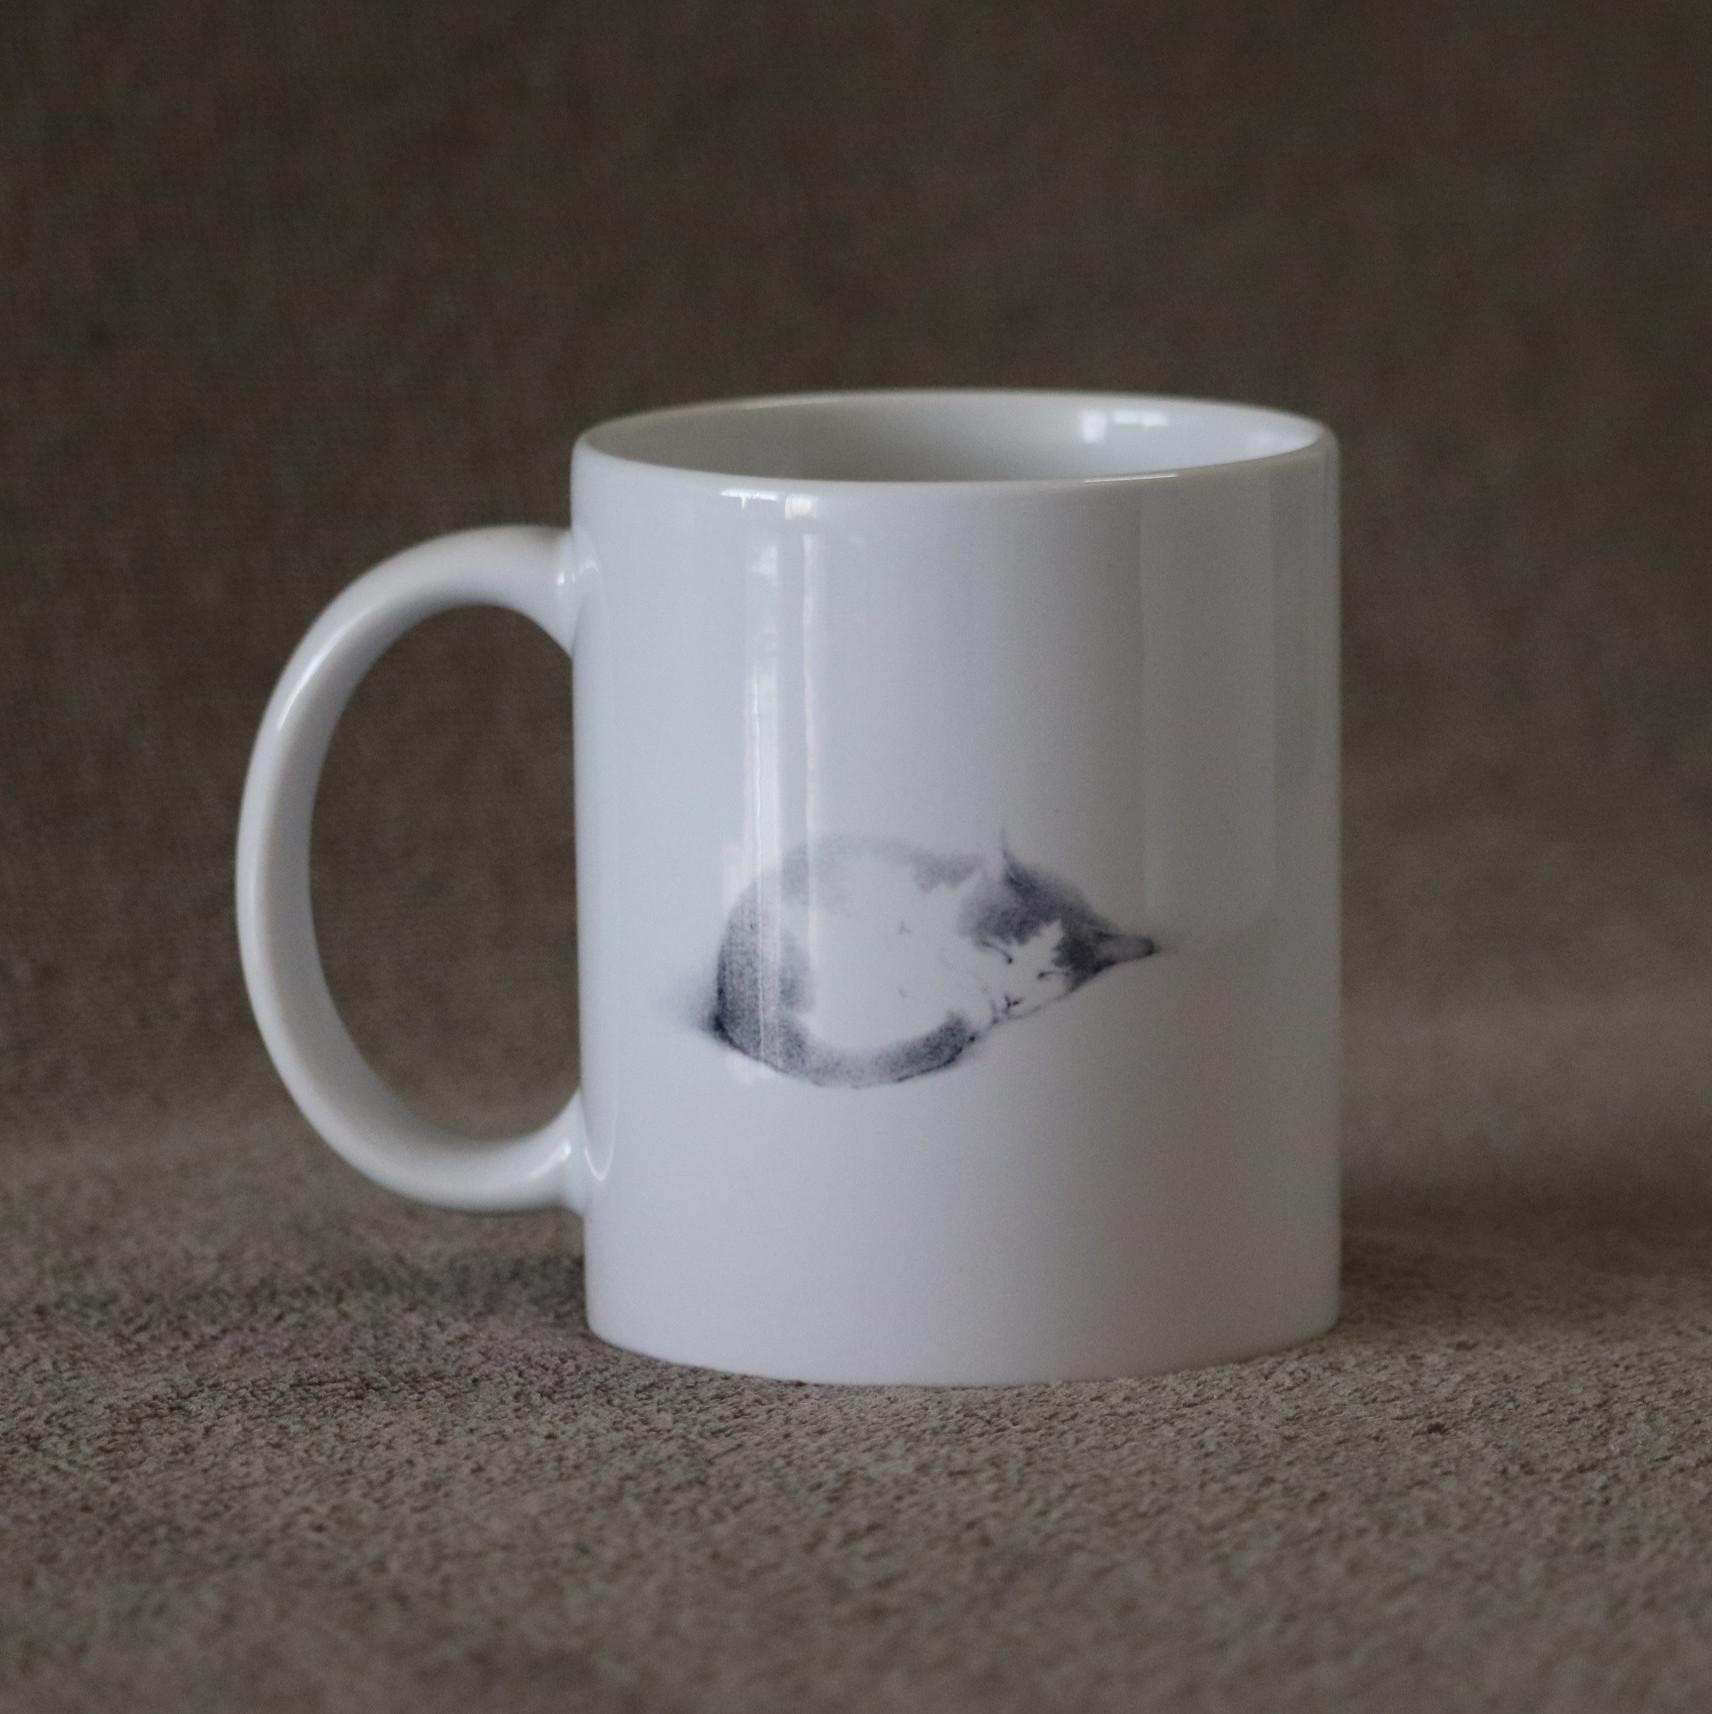 《 画室《游》 オリジナルイラストマグカップ   その 1 》_f0159856_10452668.jpg